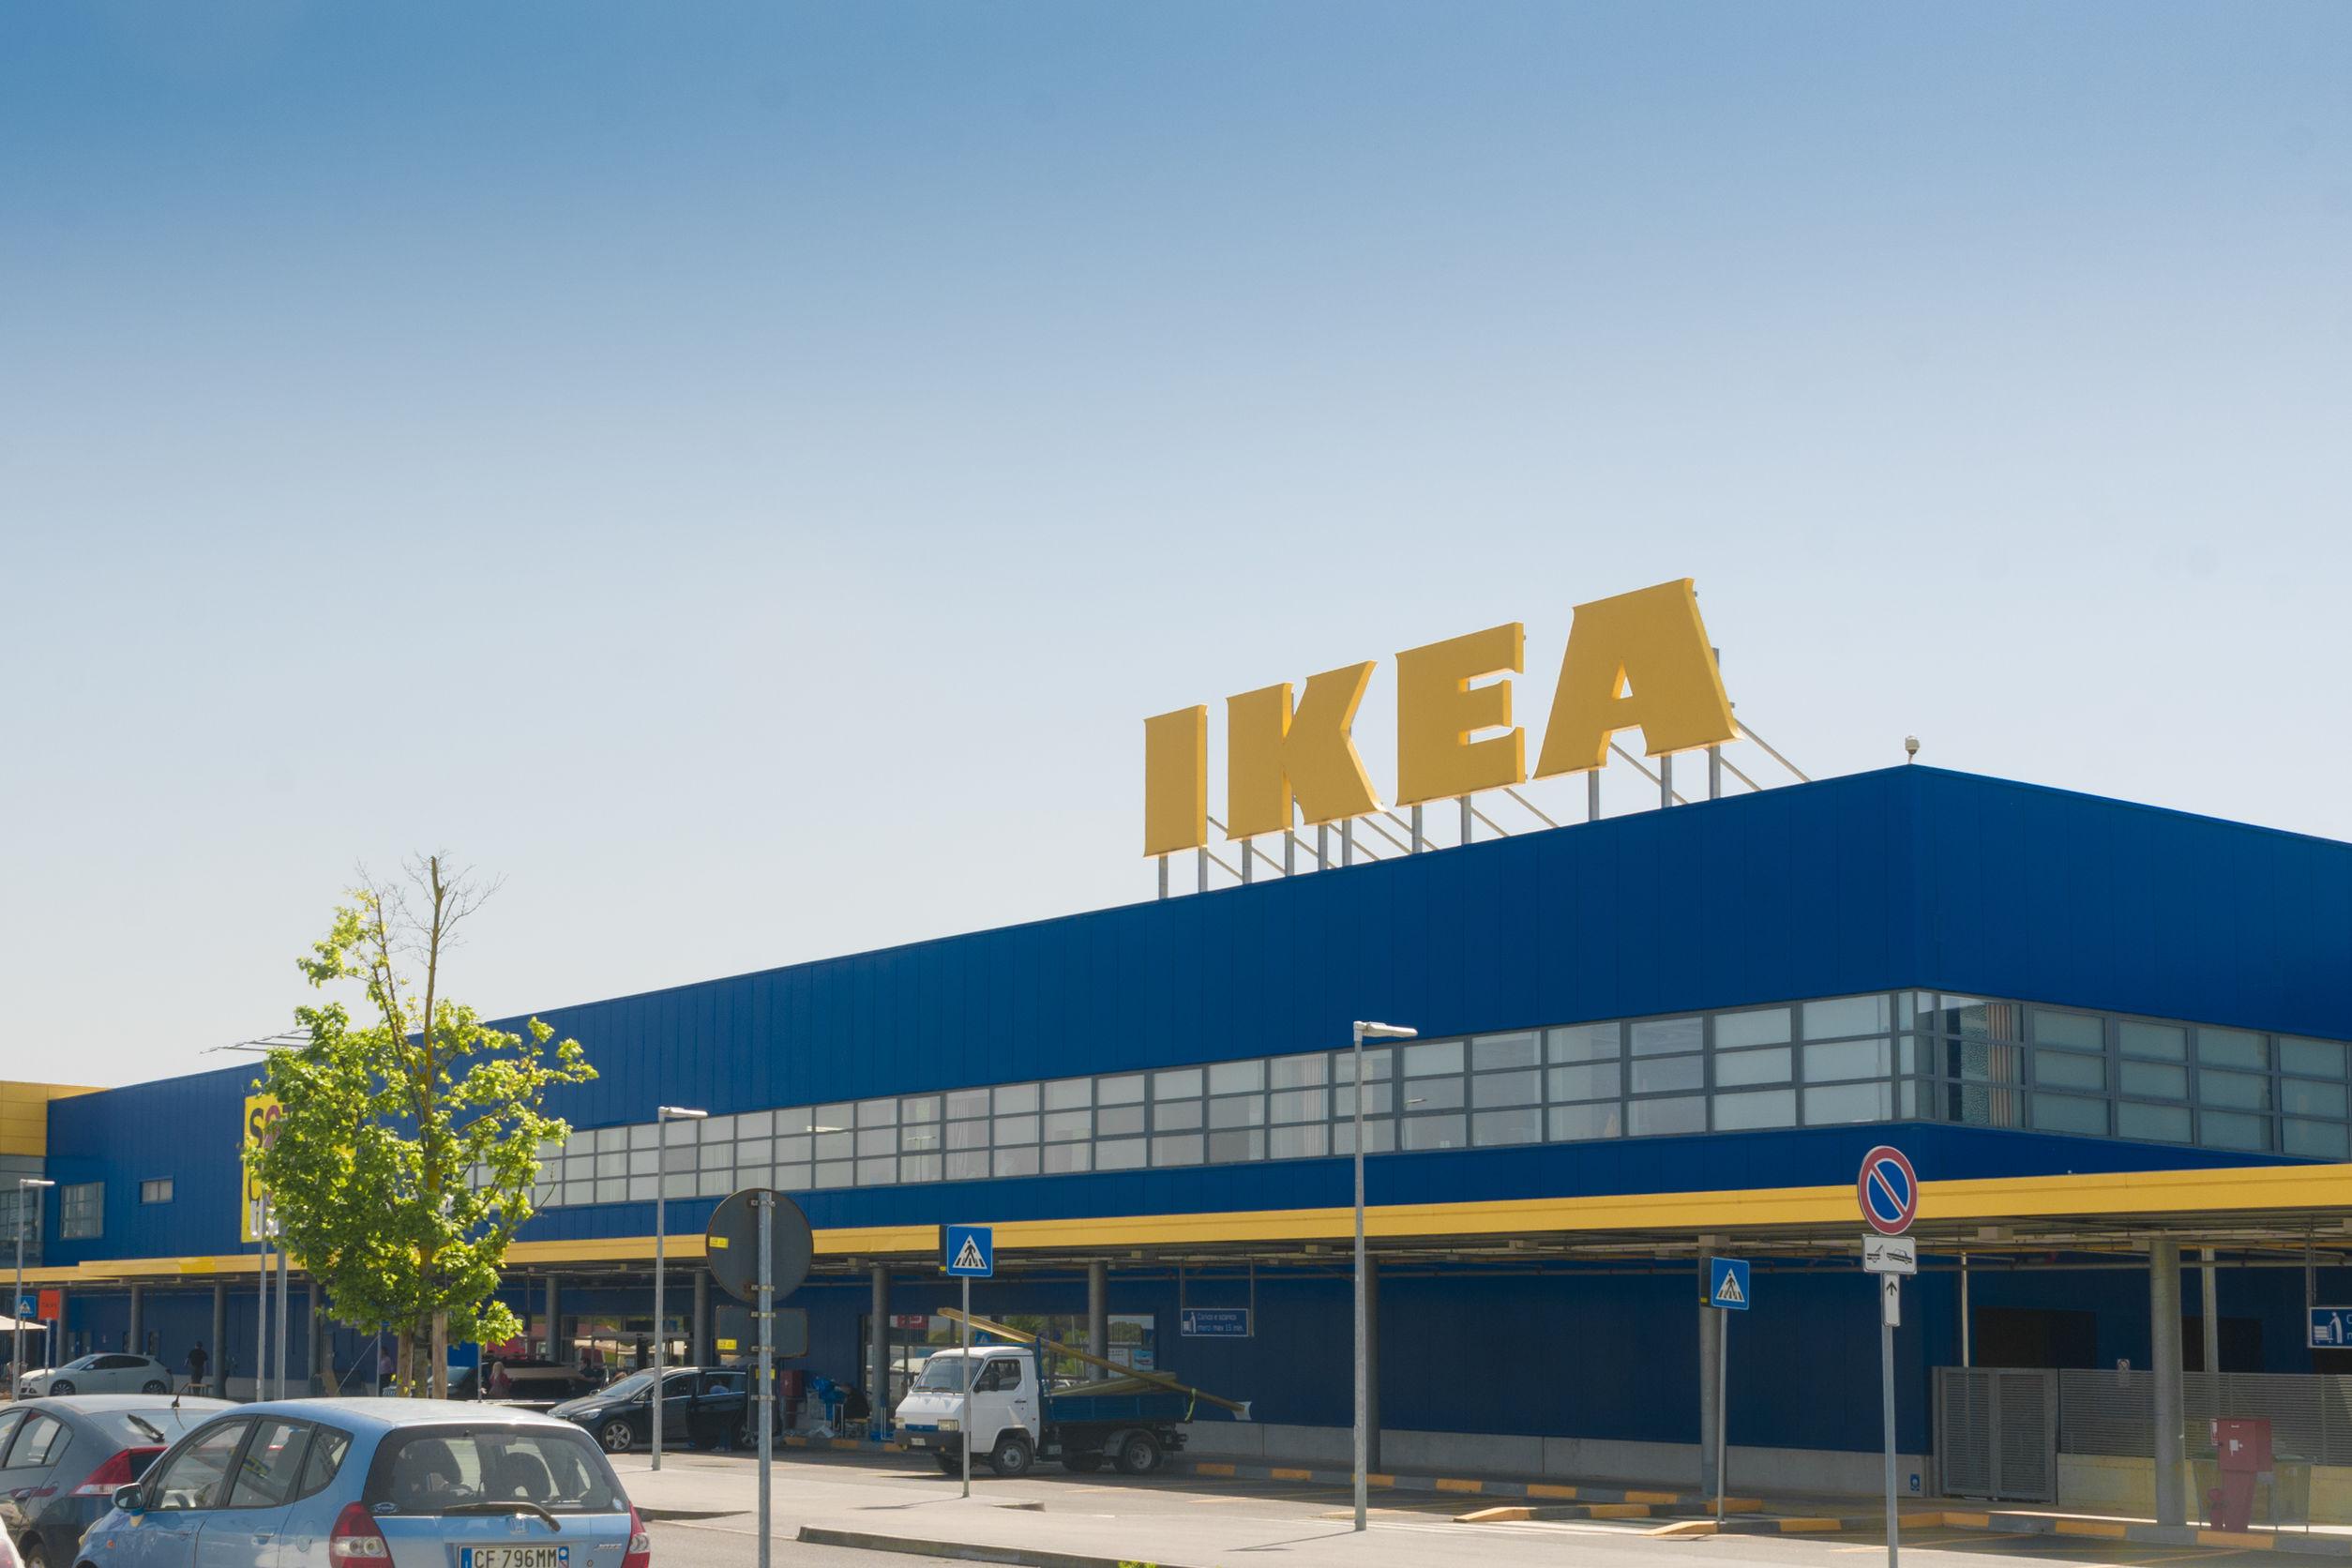 ใช้บัตรเครดิตที่ IKEA วันนี้ มีโปรโมชั่นสุดคุ้ม!